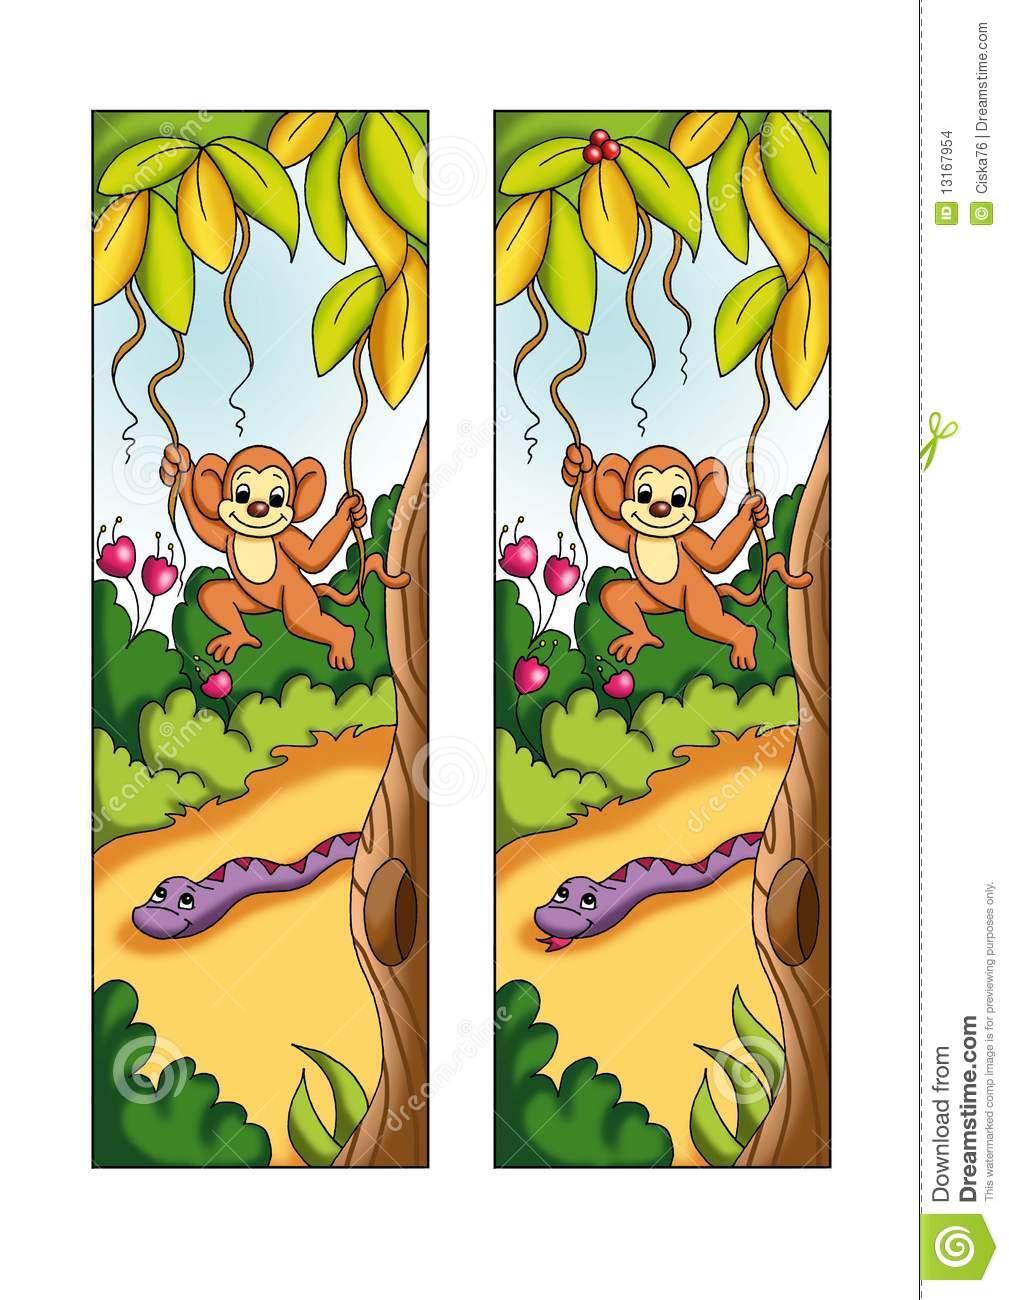 Jeu 9 - Les 5 Différences Illustration De Vecteur dedans Les 5 Differences